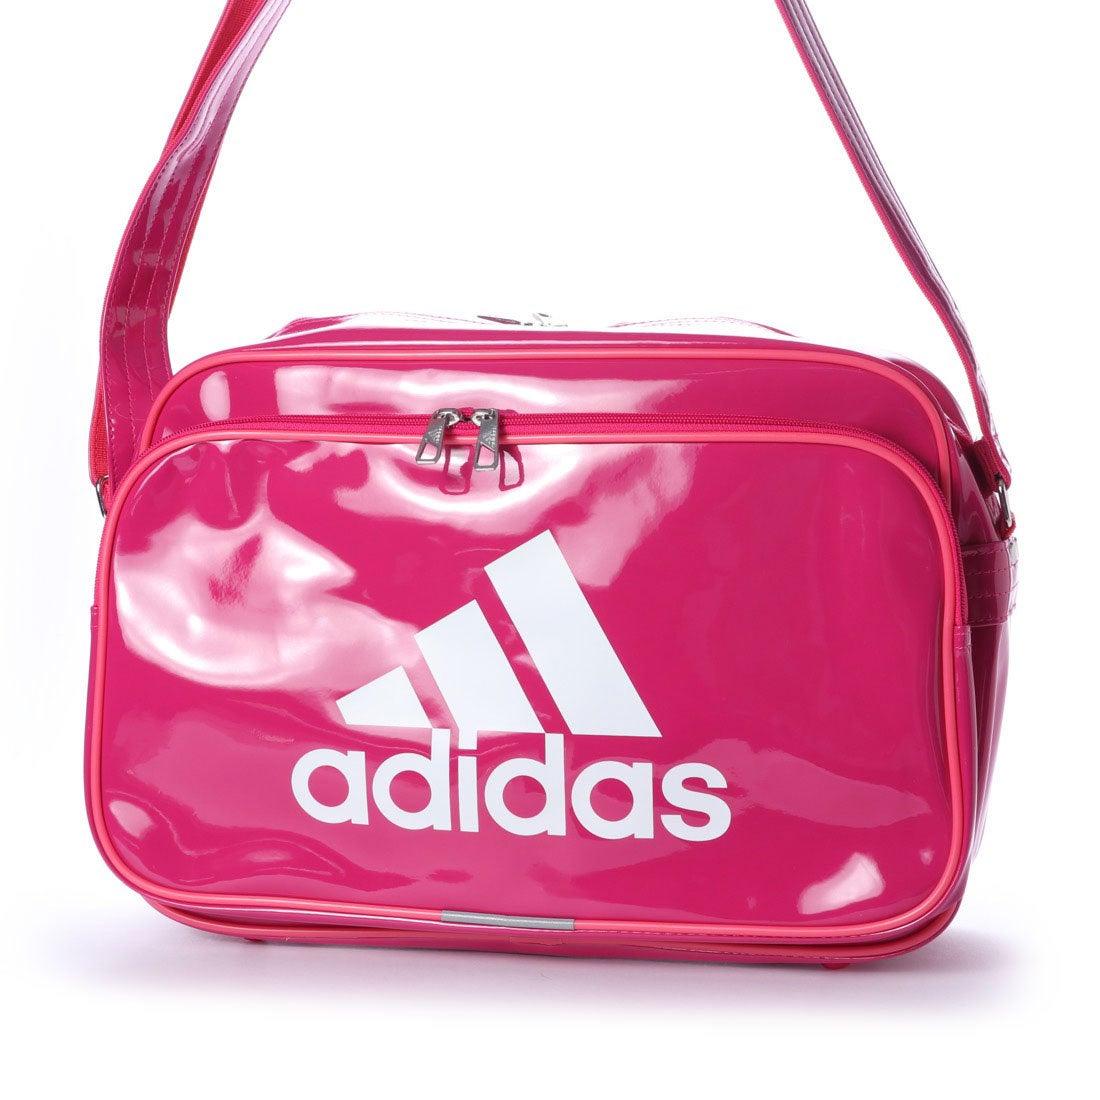 アディダス adidas エナメルバッグ エナメルバッグM DM8760 582 (ピンク) レディース メンズ